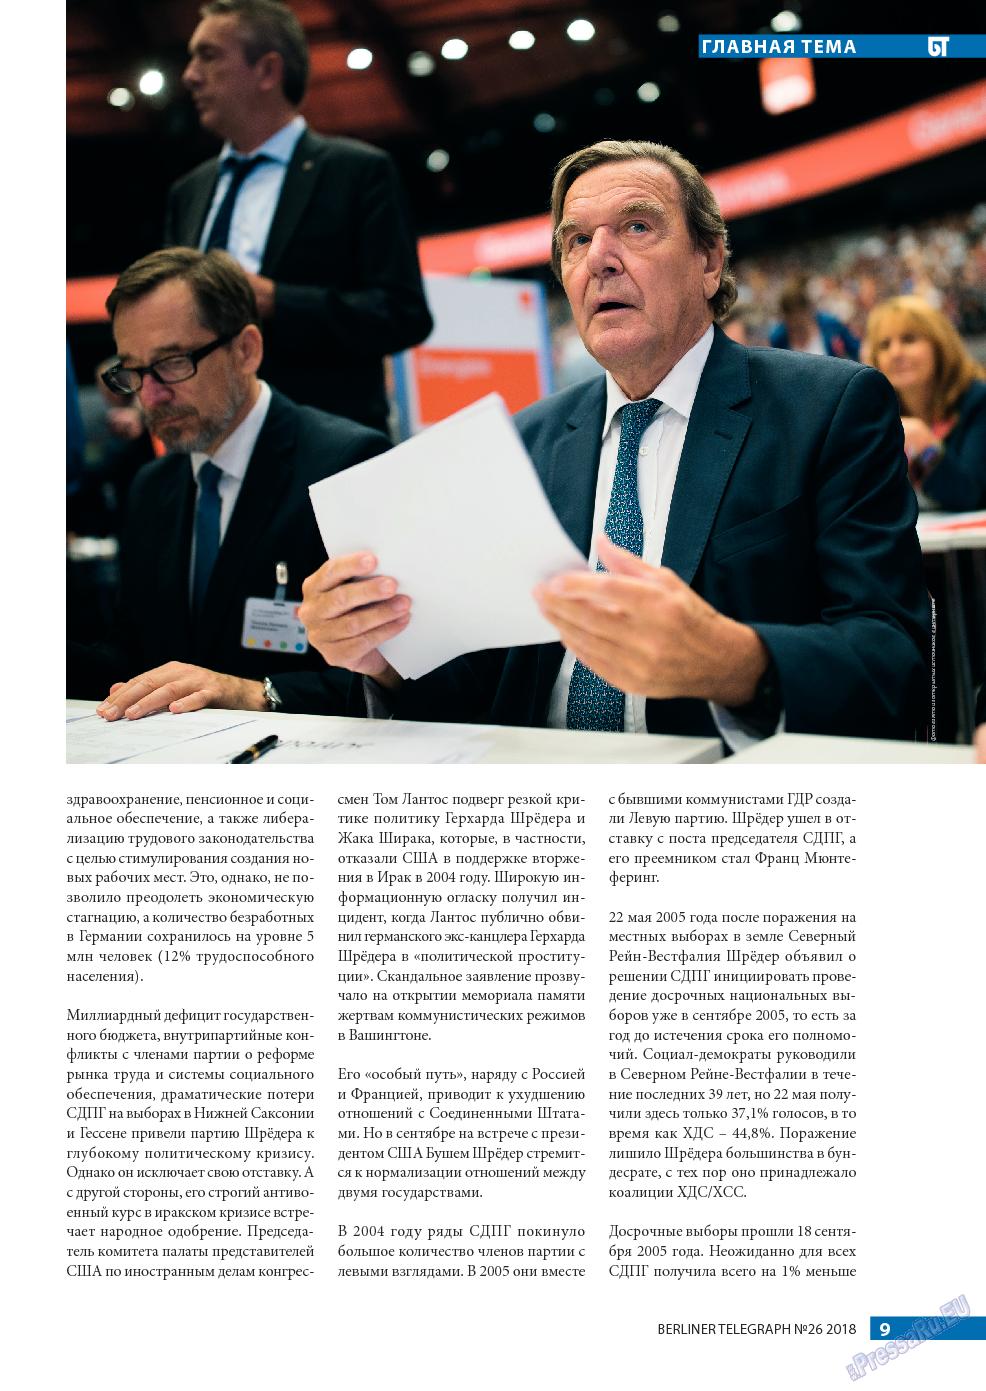 Берлинский телеграф (журнал). 2018 год, номер 26, стр. 9